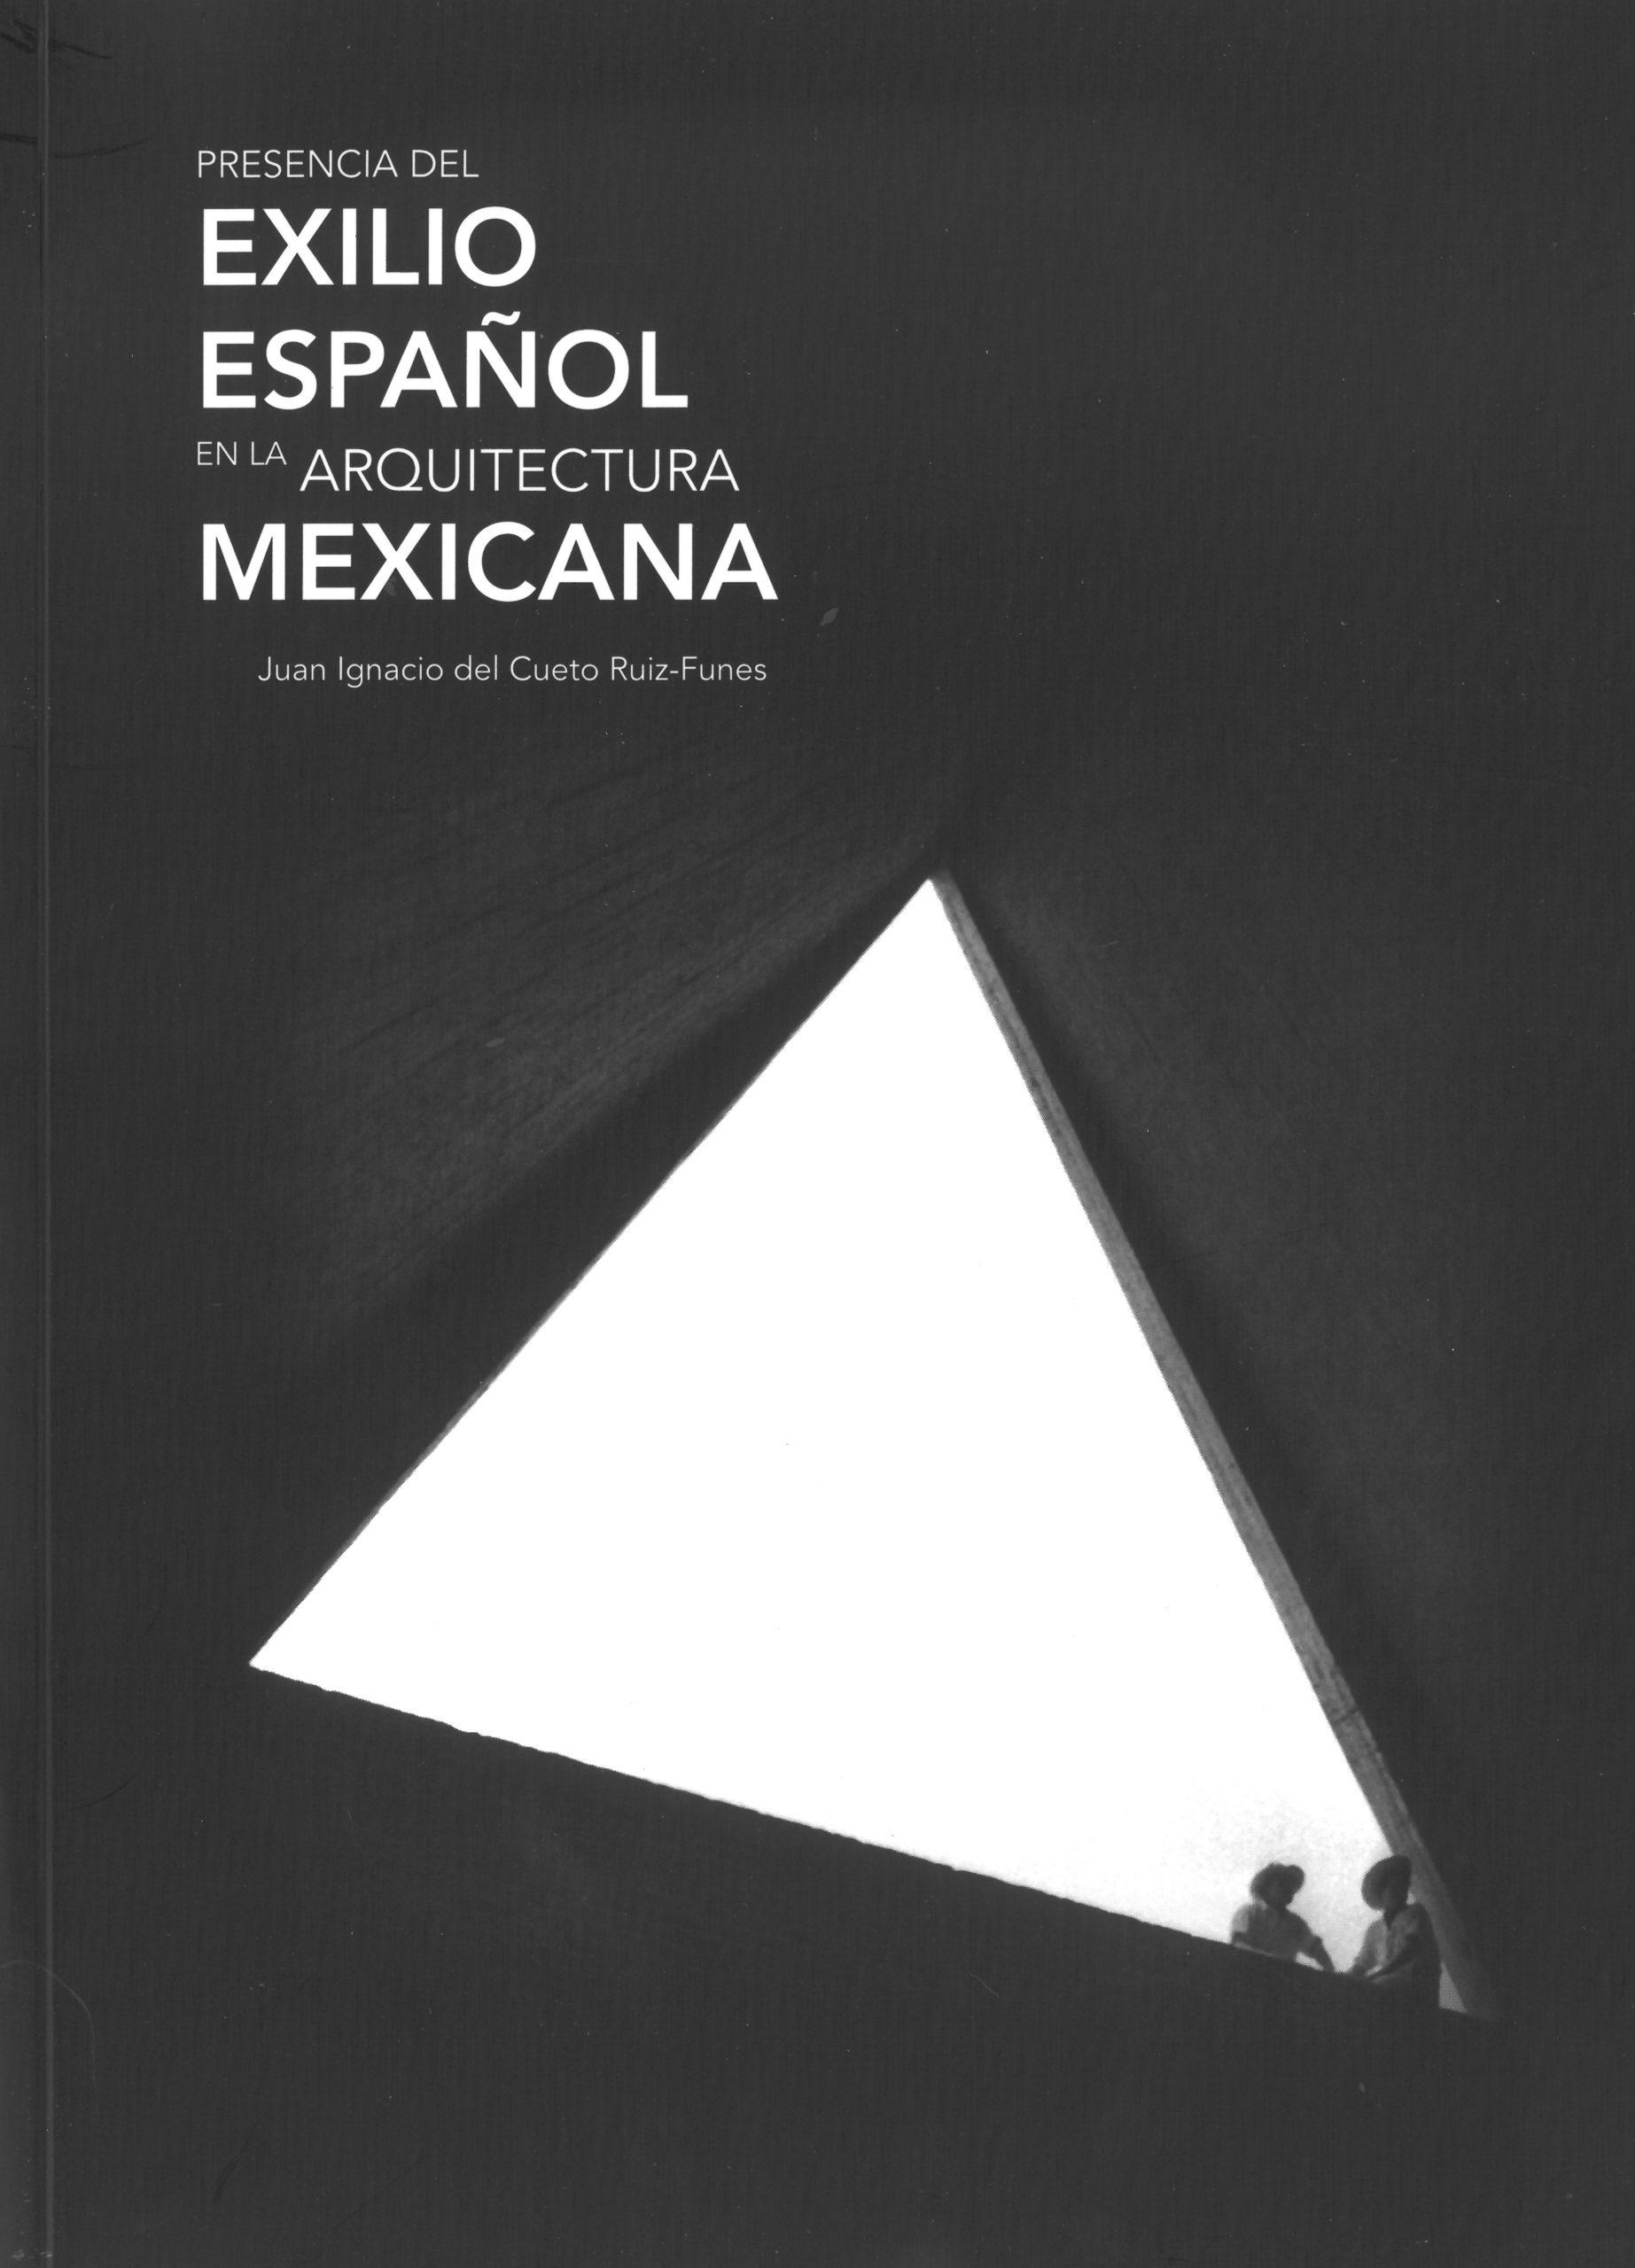 Presencia del exilio español en la arquitectura mexicana Image